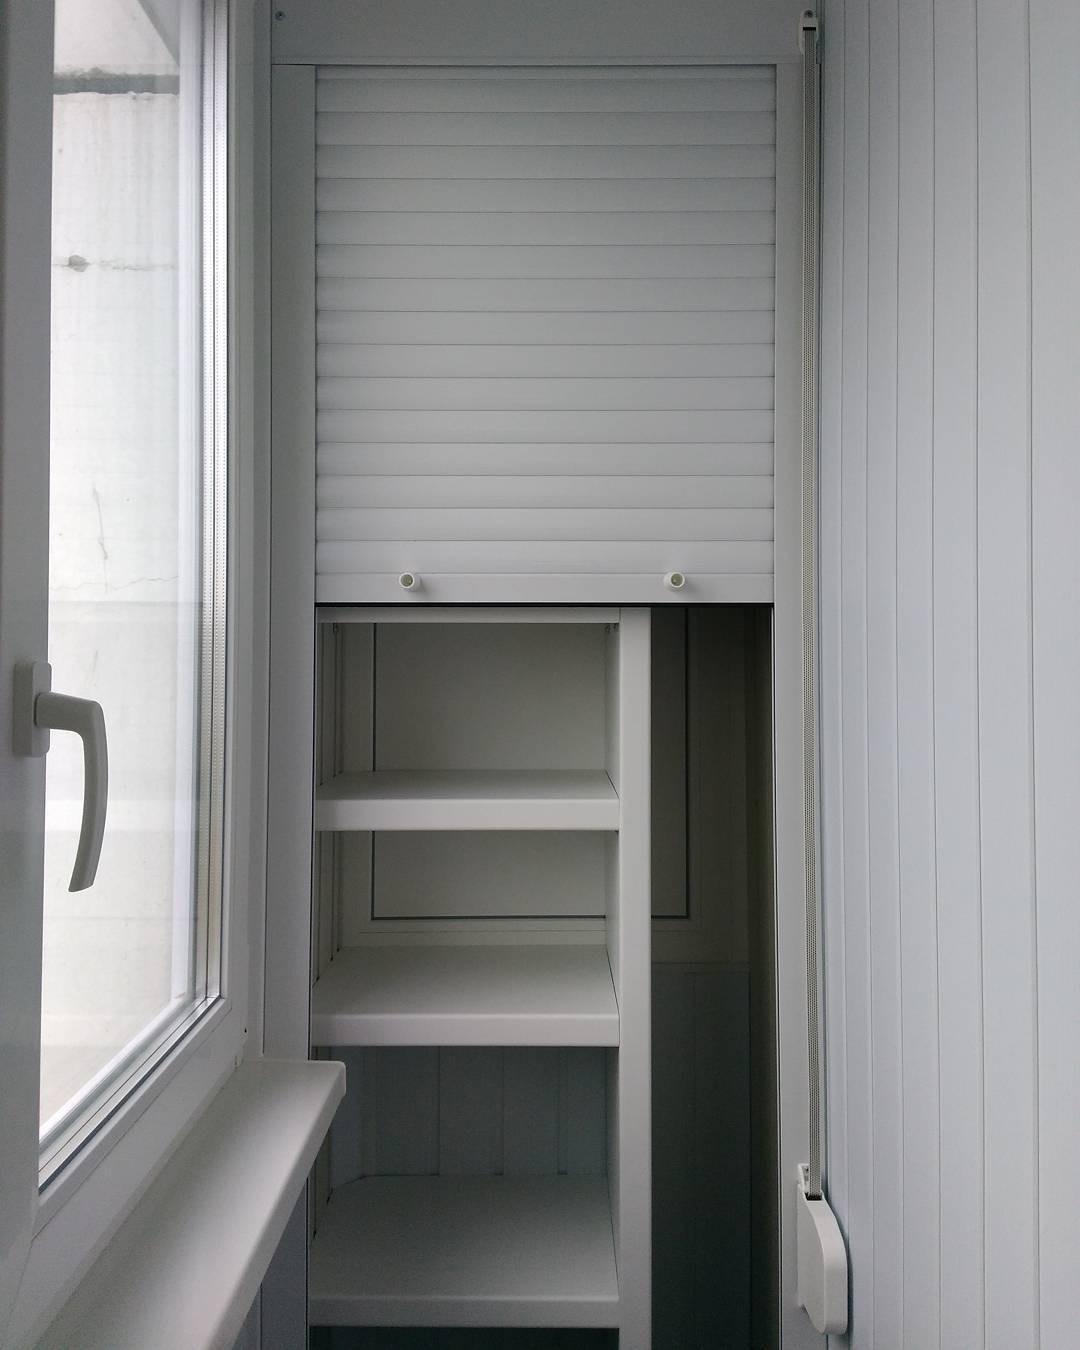 Алюминиевые дверцы легко монтируются и закрывают вещи от солнечных лучей, пыли и влаги.